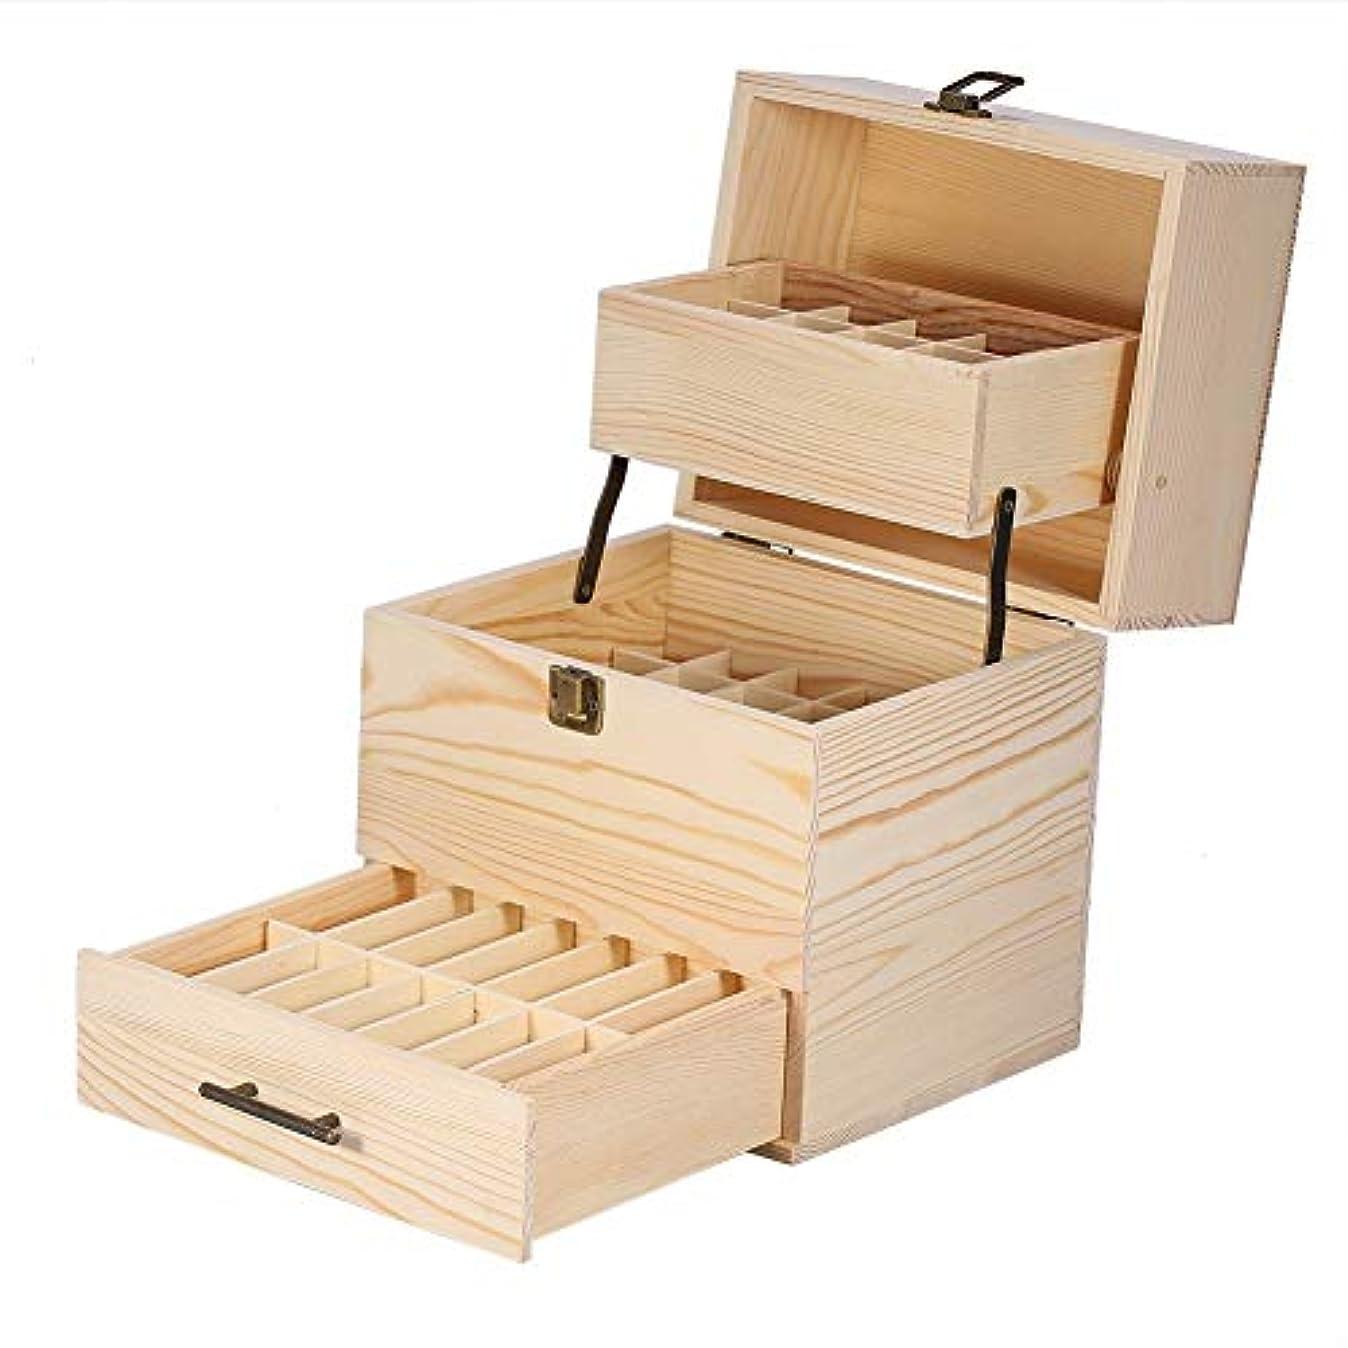 性能悲観主義者苦行木製の三層エッセンシャルオイル収納ボックス